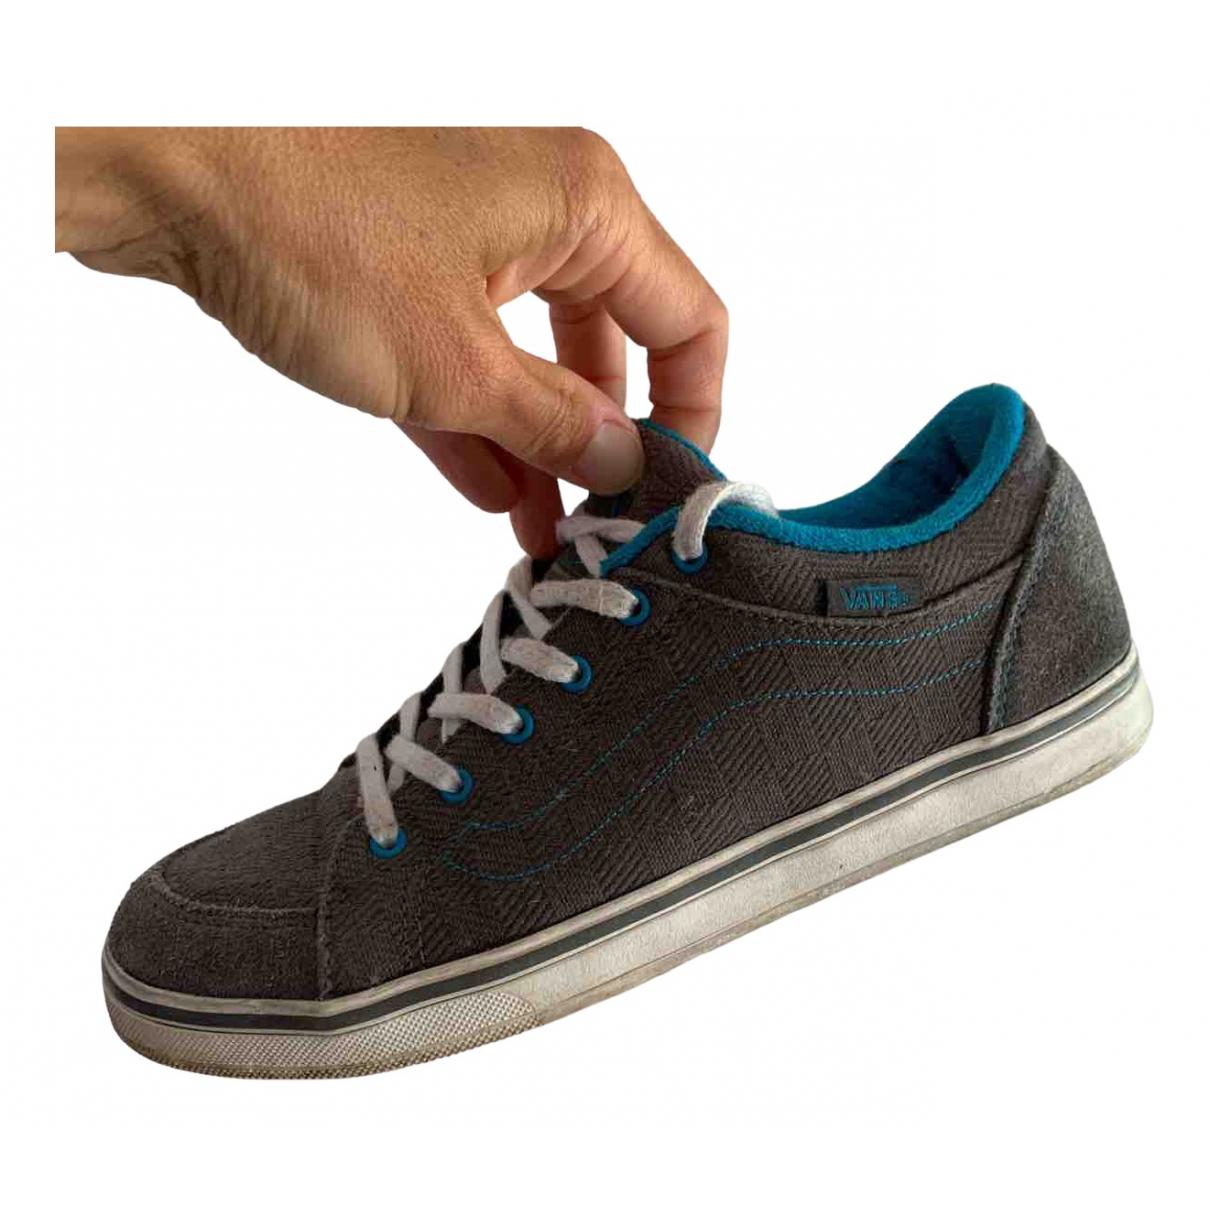 Vans \N Sneakers in  Grau Veloursleder